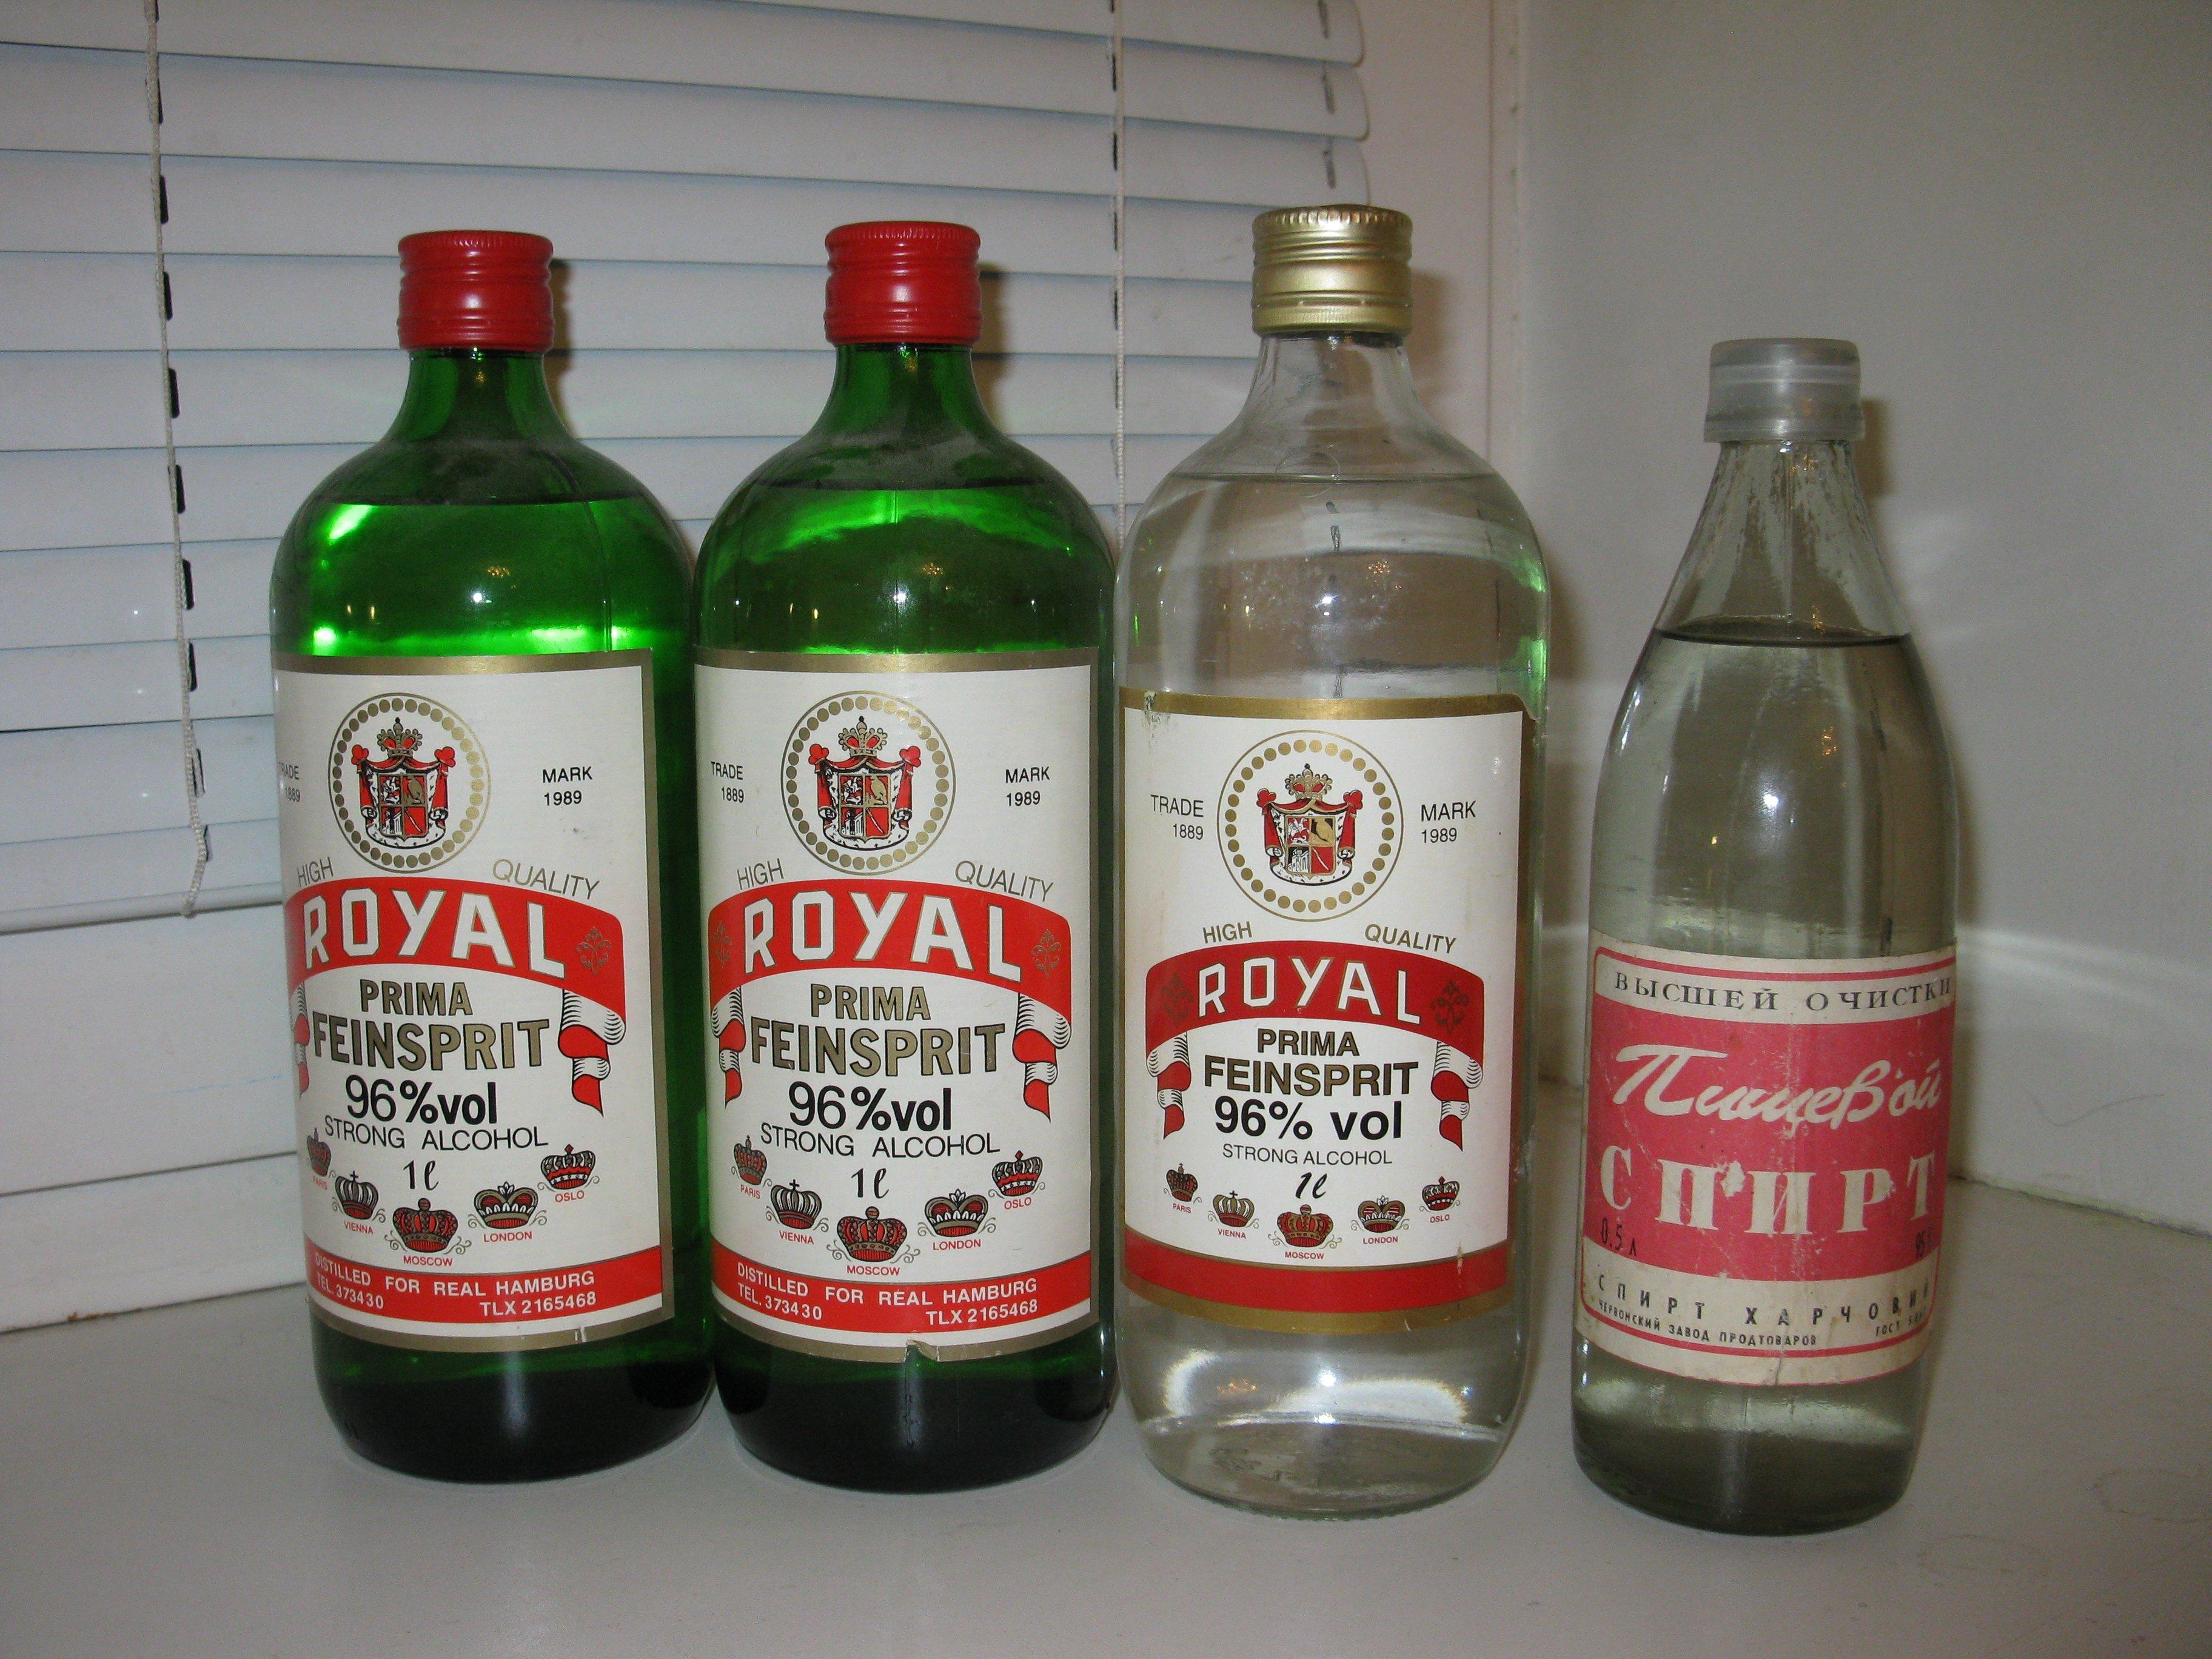 Как сделать 70% спирт из 96%спирта